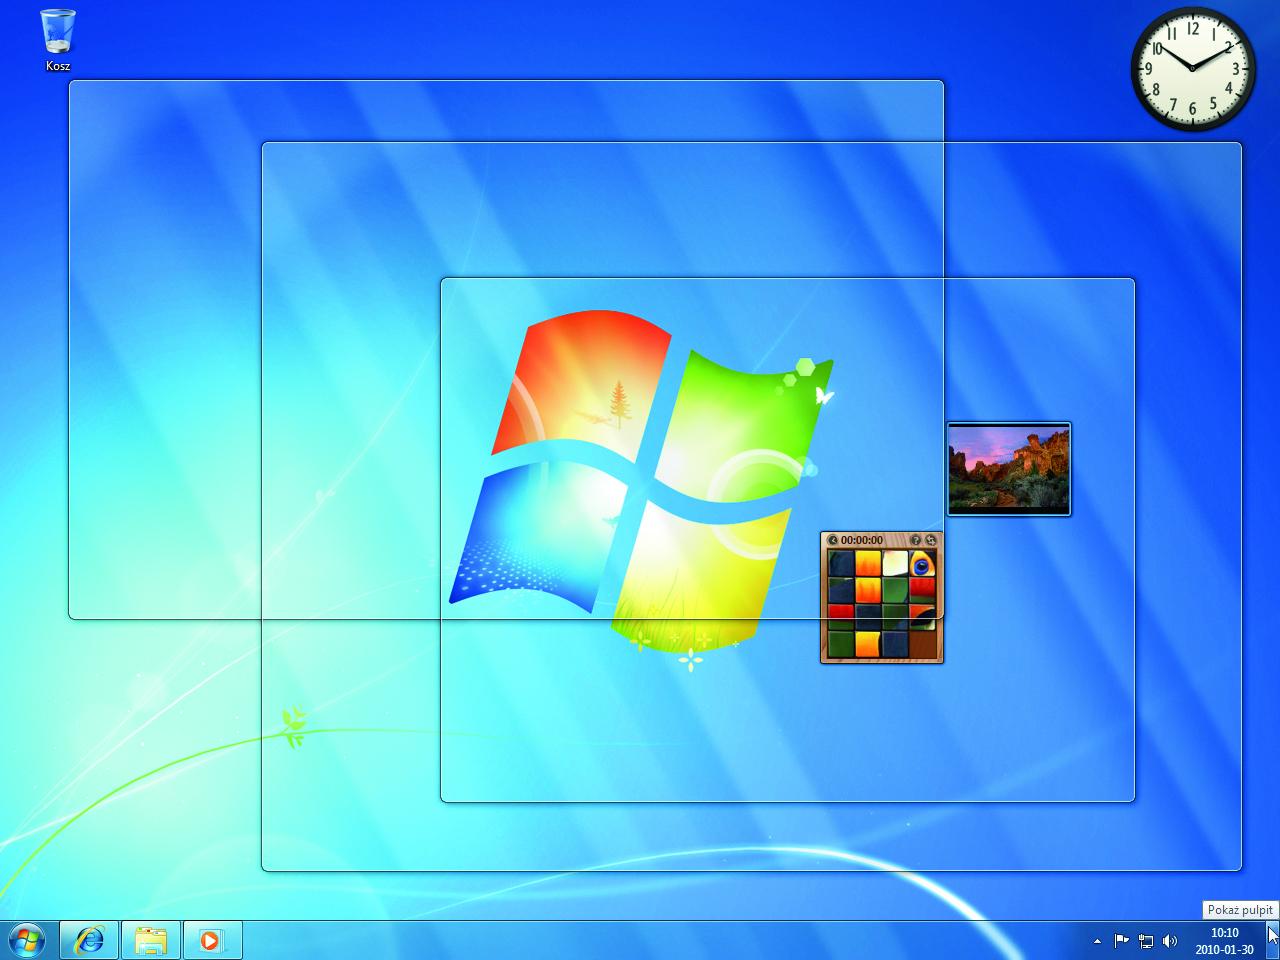 Kończy się wsparcie systemów Microsoftu